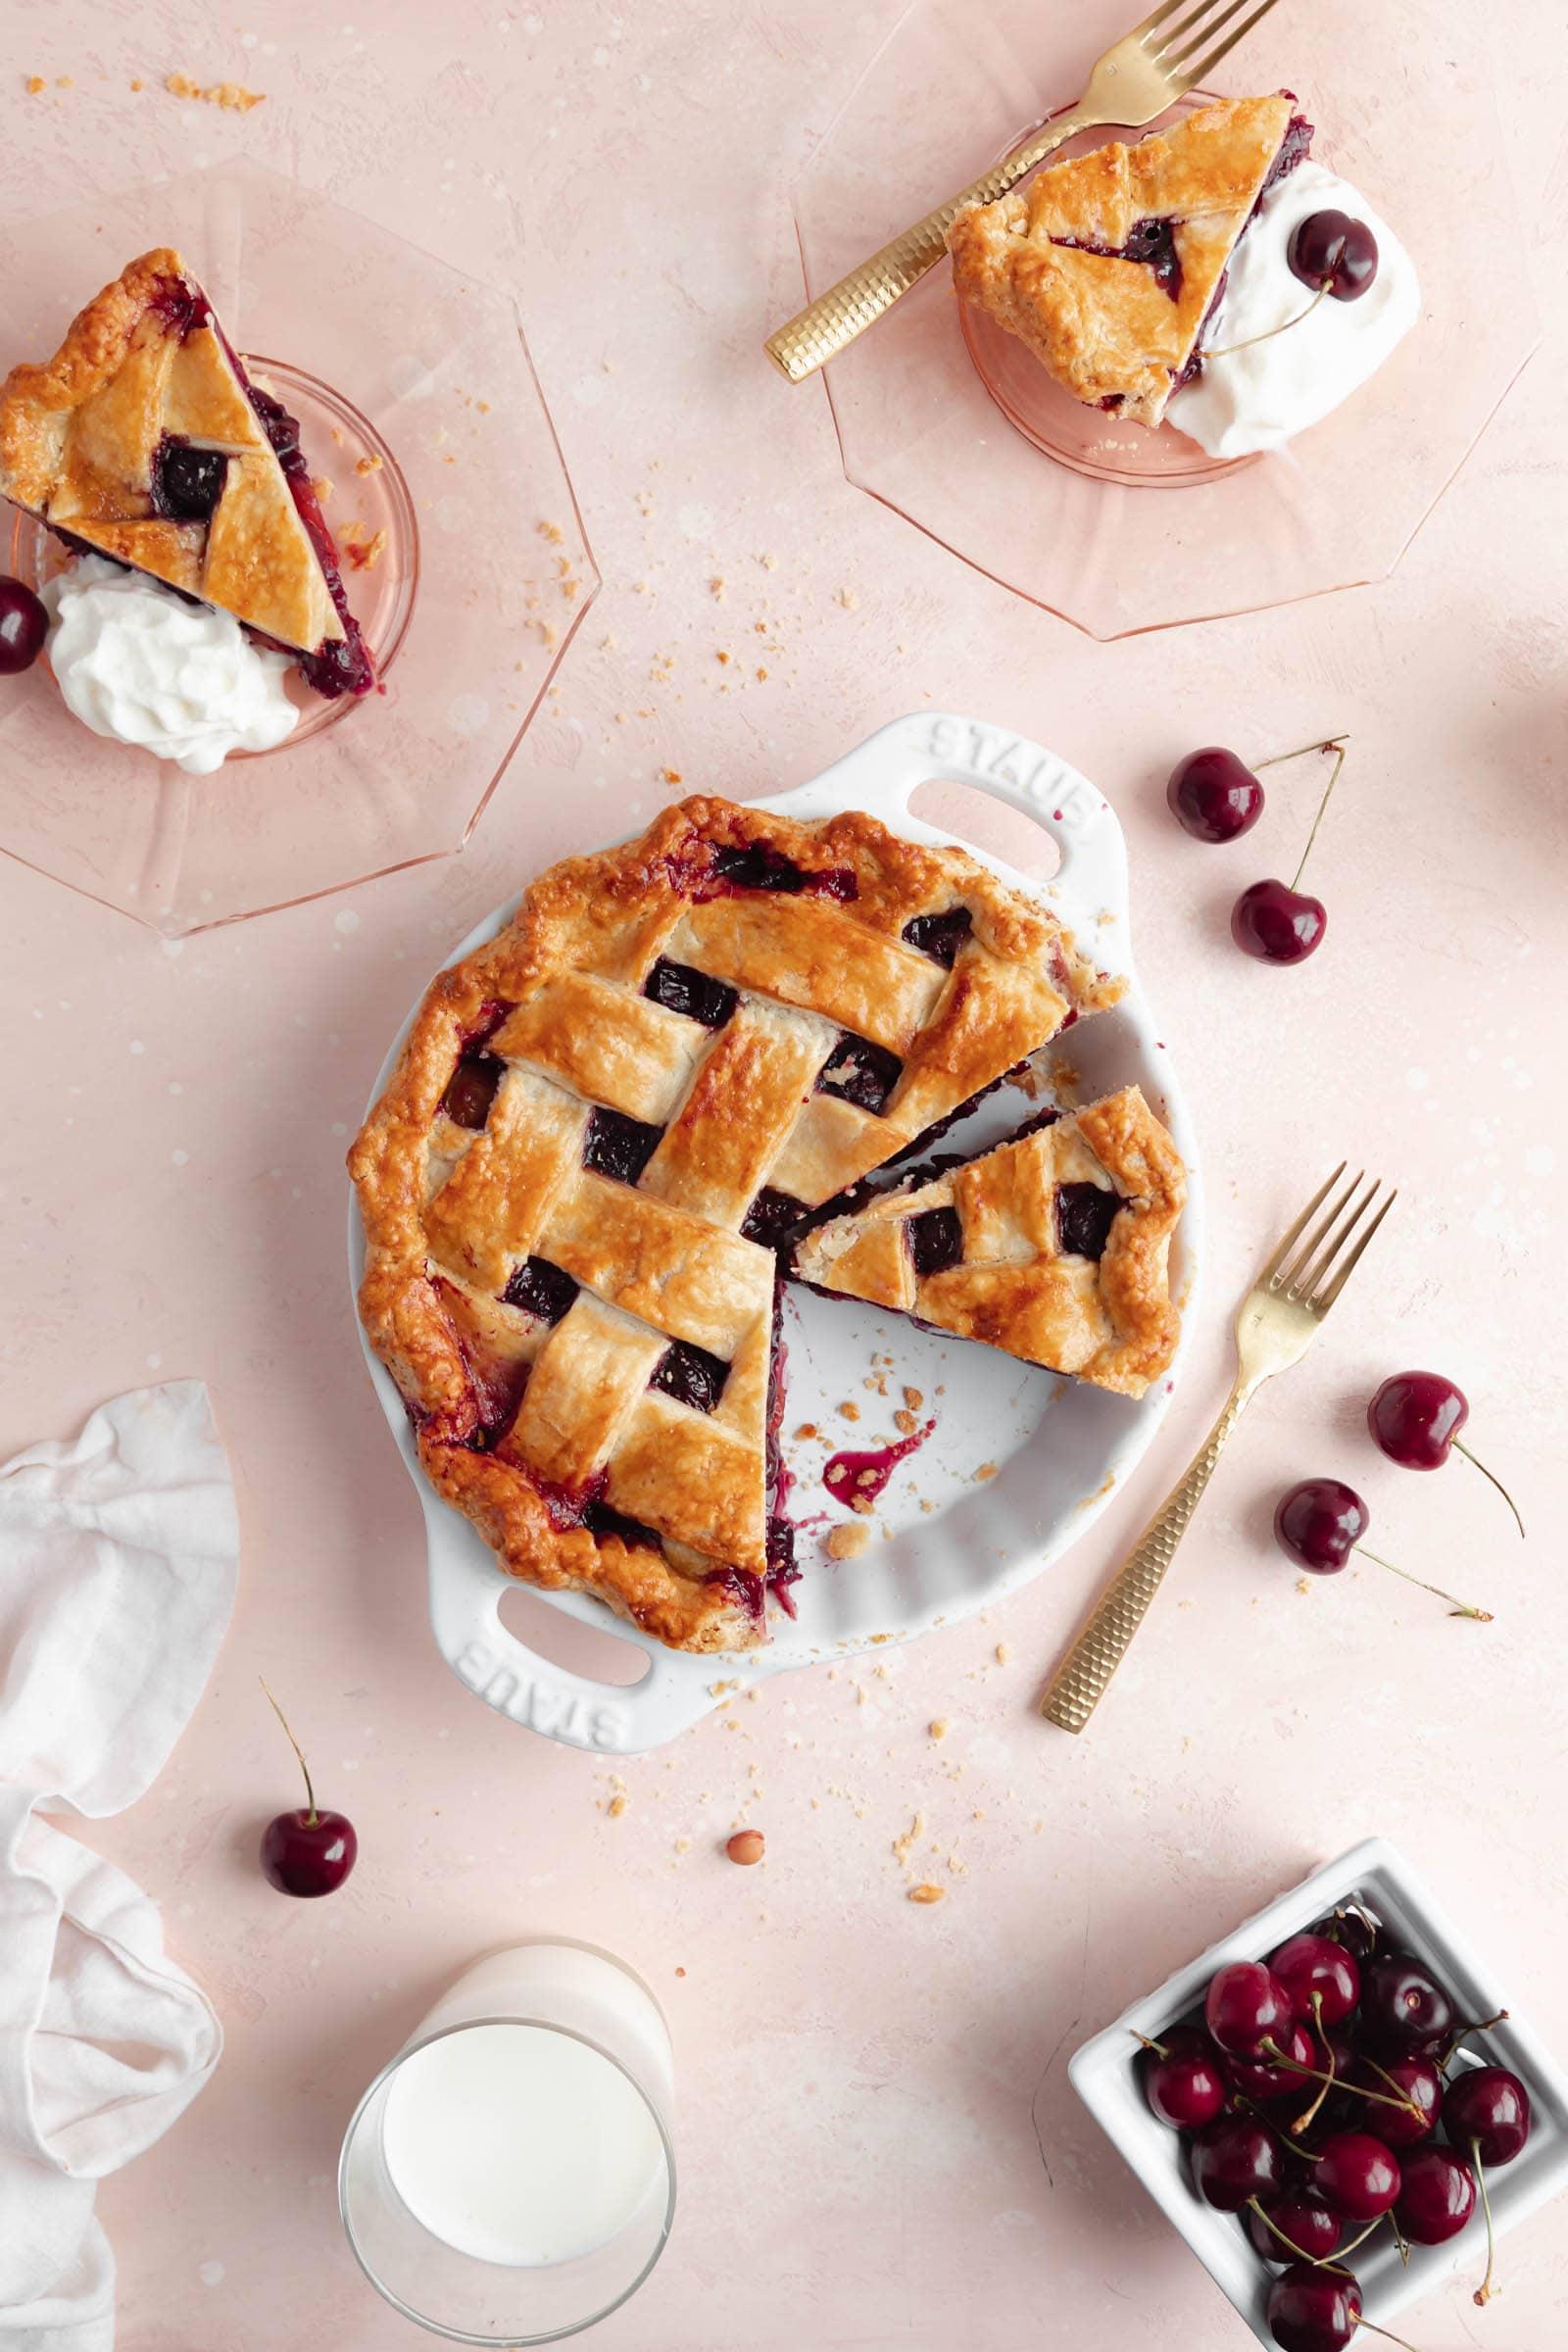 cseresznye torta szeletekkel és cseresznye rózsaszín háttér